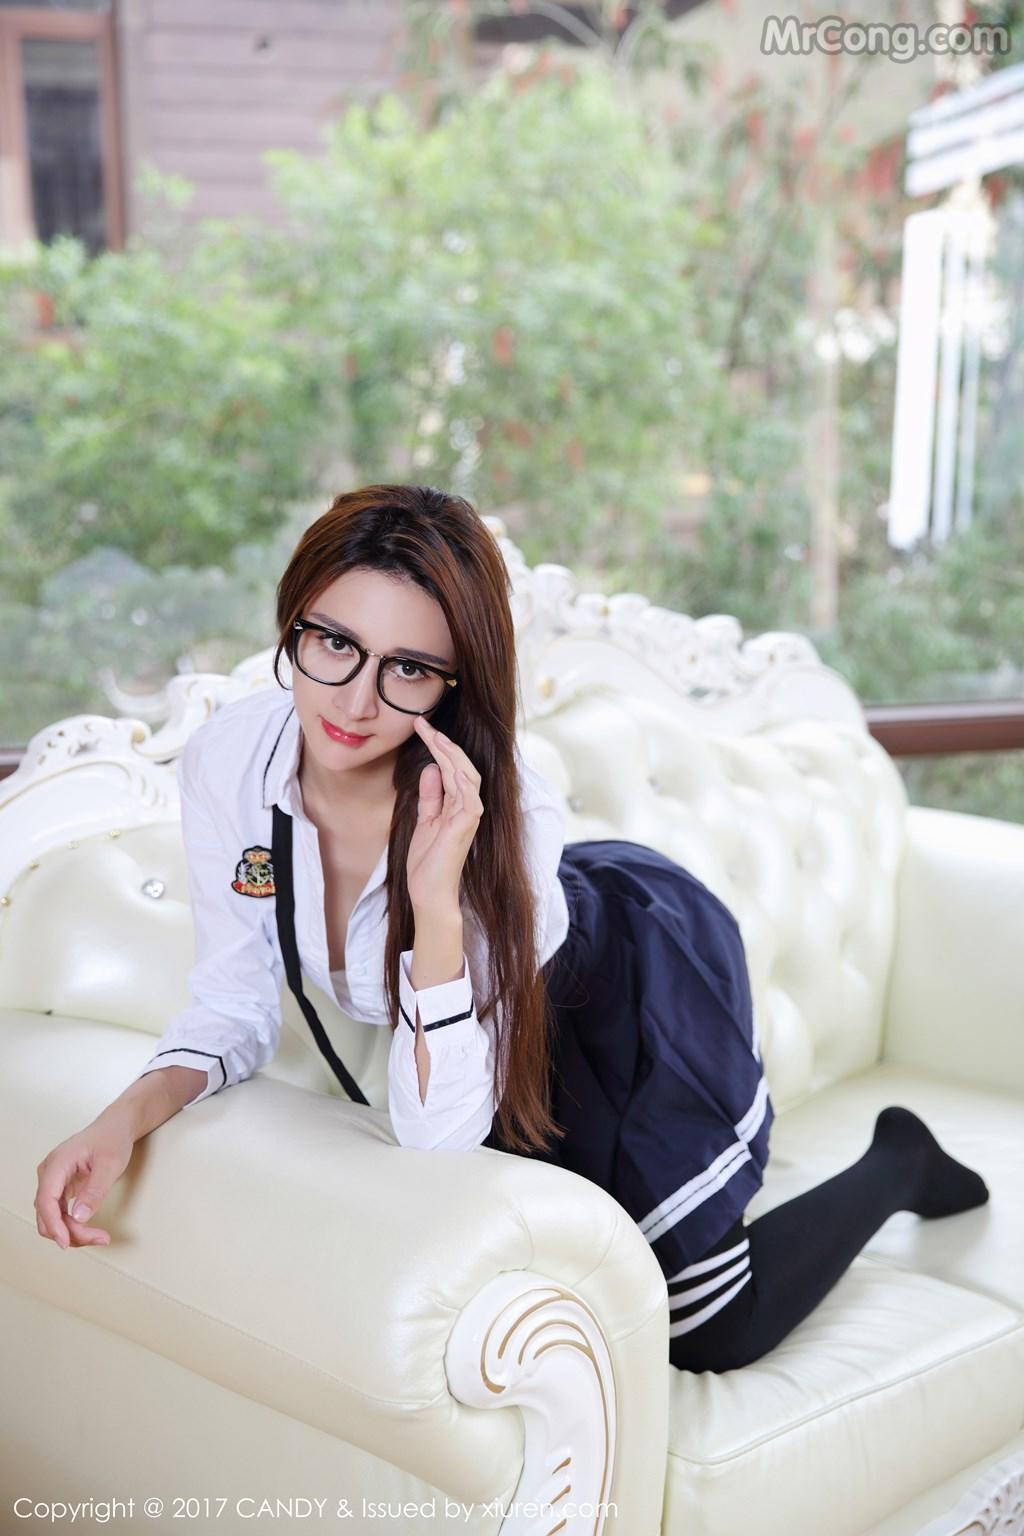 CANDY Vol.020: Người mẫu Yi Li Na (伊莉娜) (59 ảnh) - Trang 2 trên 6